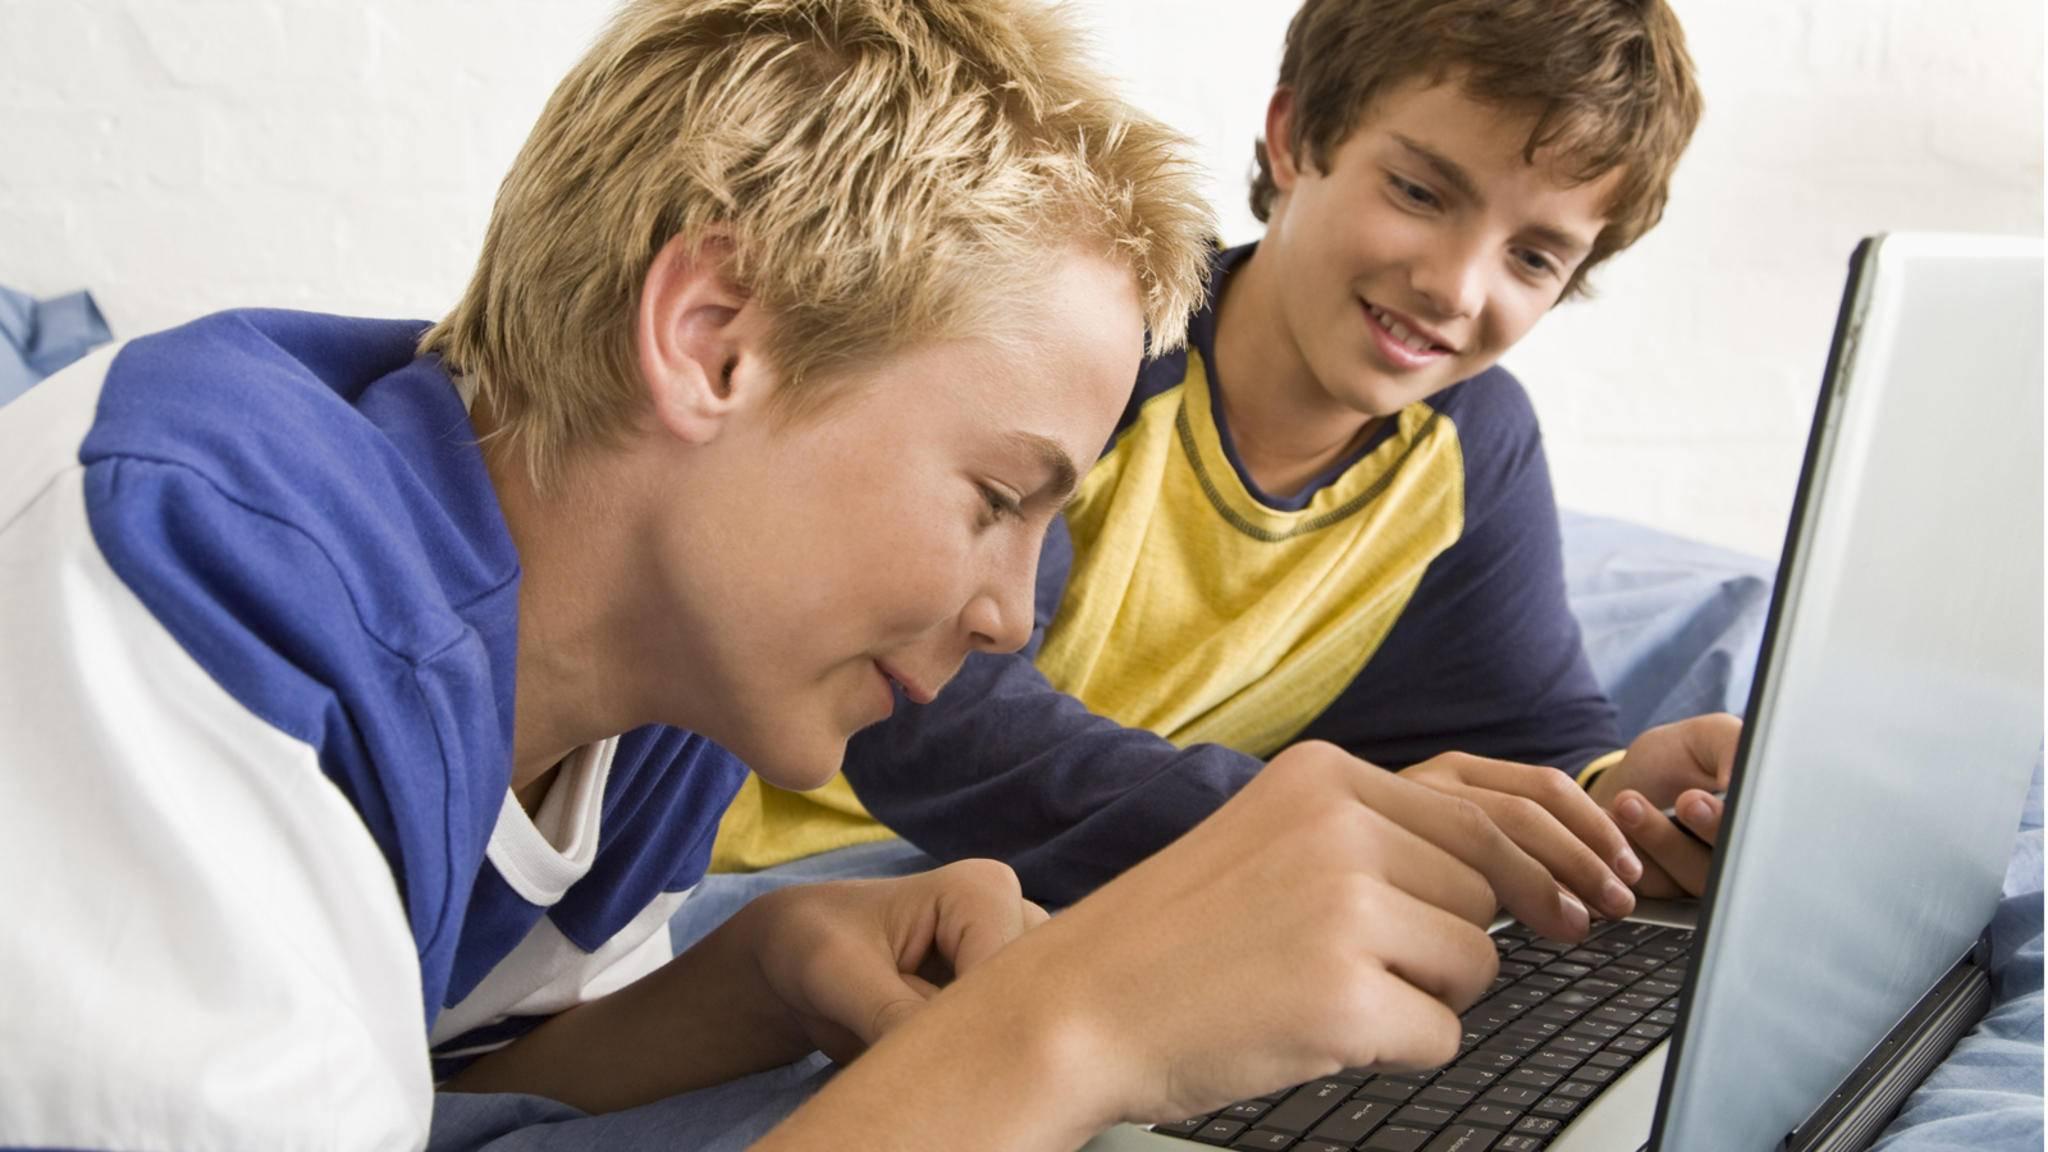 Um Kinder und Jugendliche zu schützen, lässt sich unter Windows 10 eine Kindersicherung einrichten.